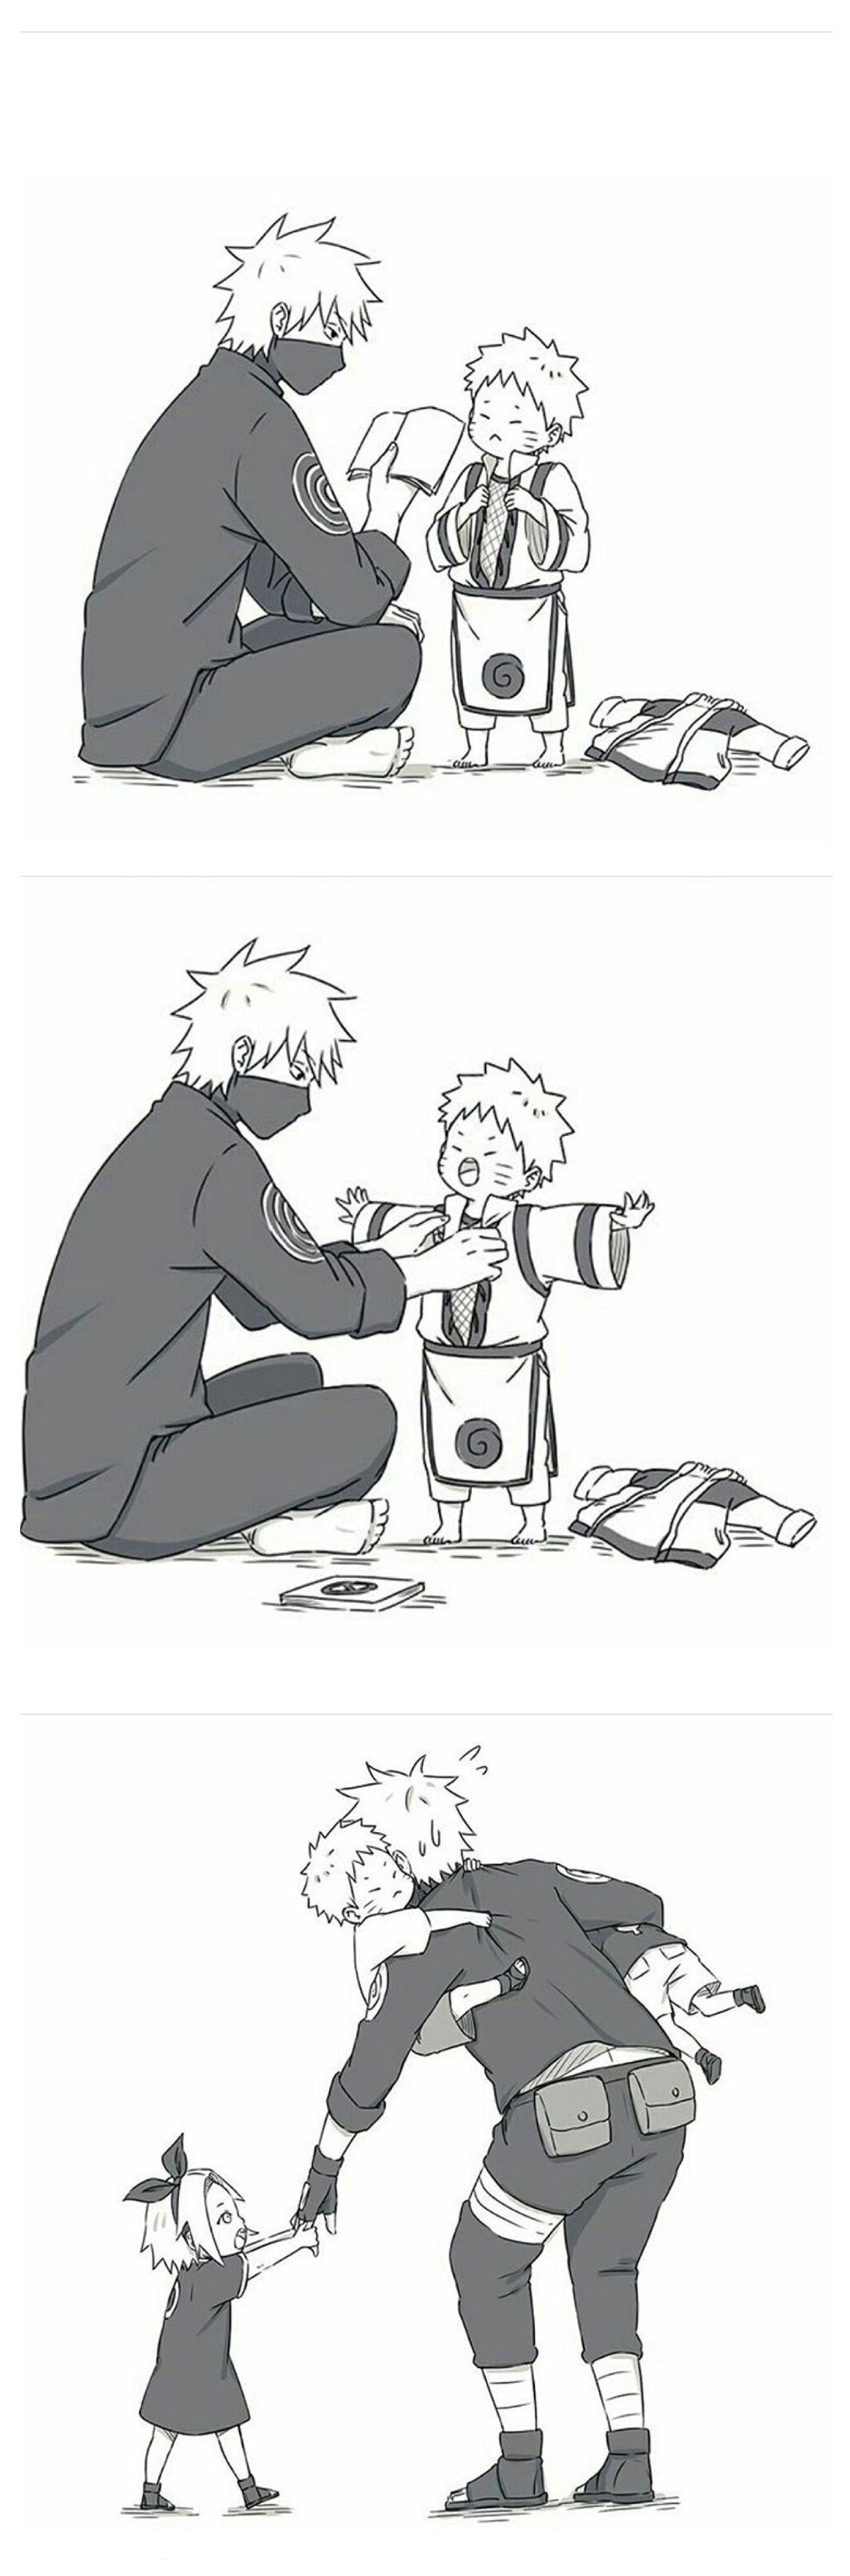 Kakashi x little naruto sasuke and sakura personnage manga kakashi naruto naruto mignon